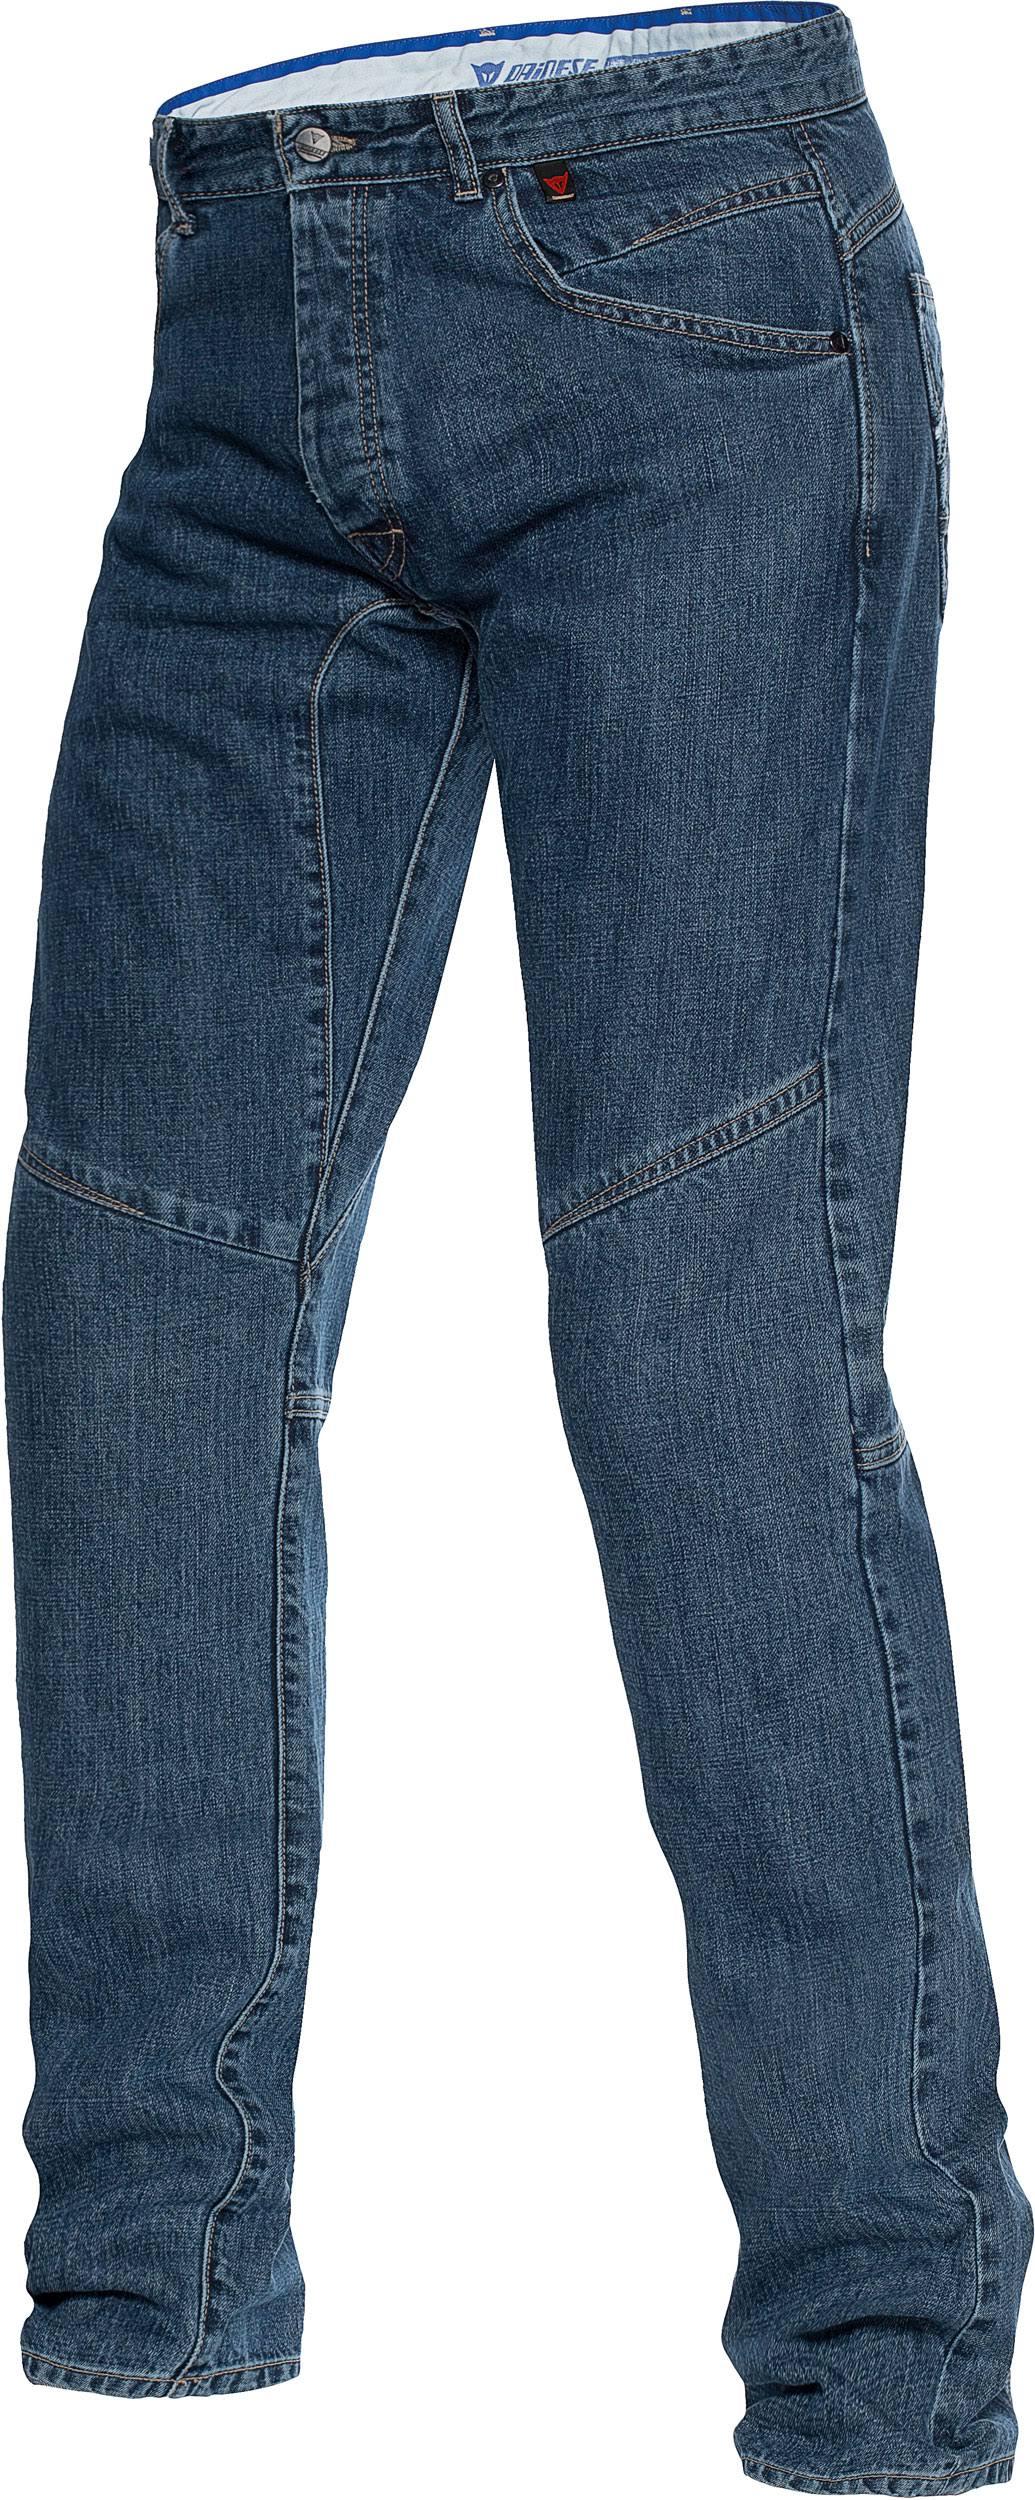 dainese kevlar prattville jeans blau gr e 28 online. Black Bedroom Furniture Sets. Home Design Ideas